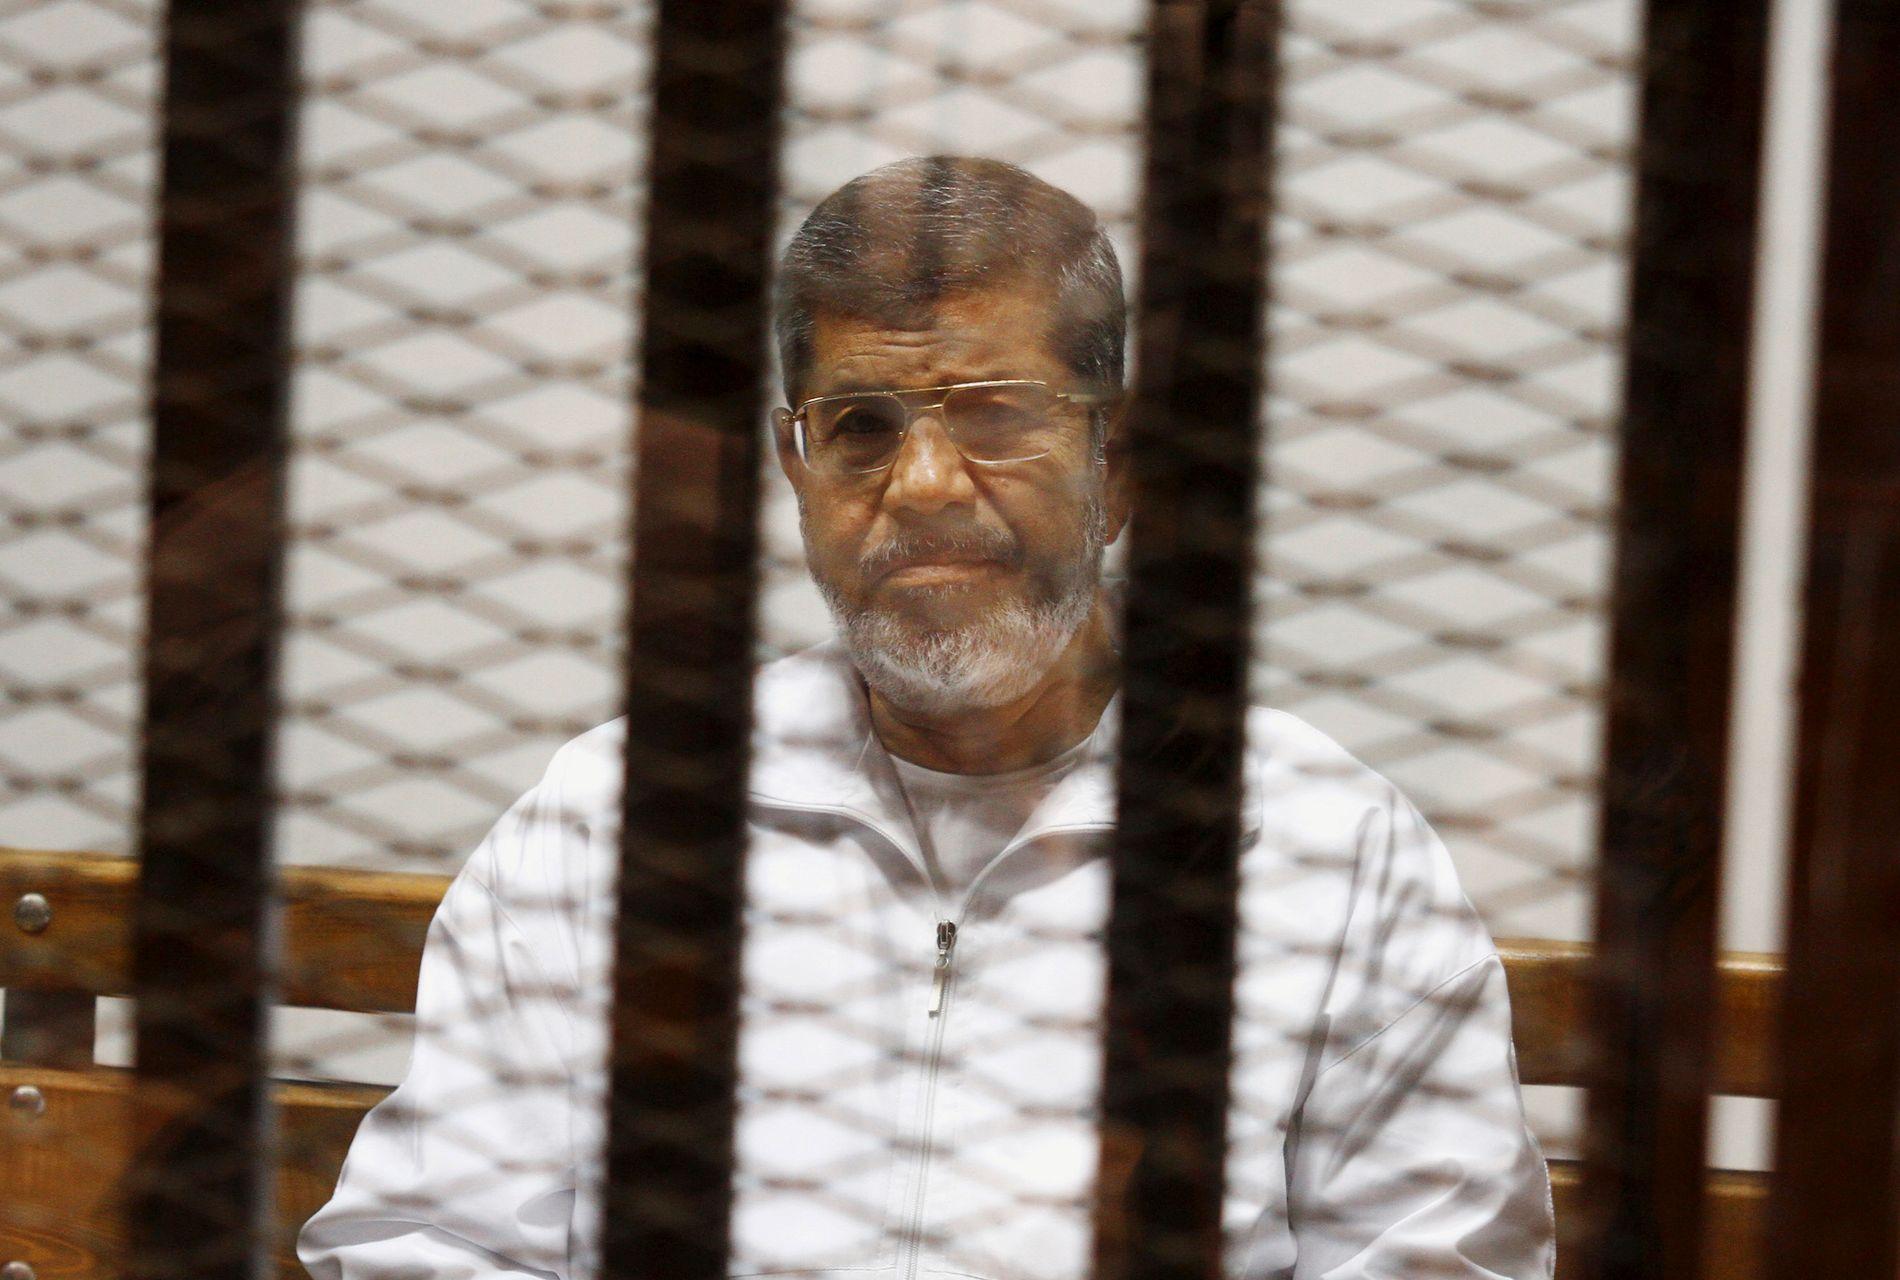 FENGSLA: Den valde presidenten i Egypt, Mohamed Morsi, vart avsett i eit militærkupp i 2013.